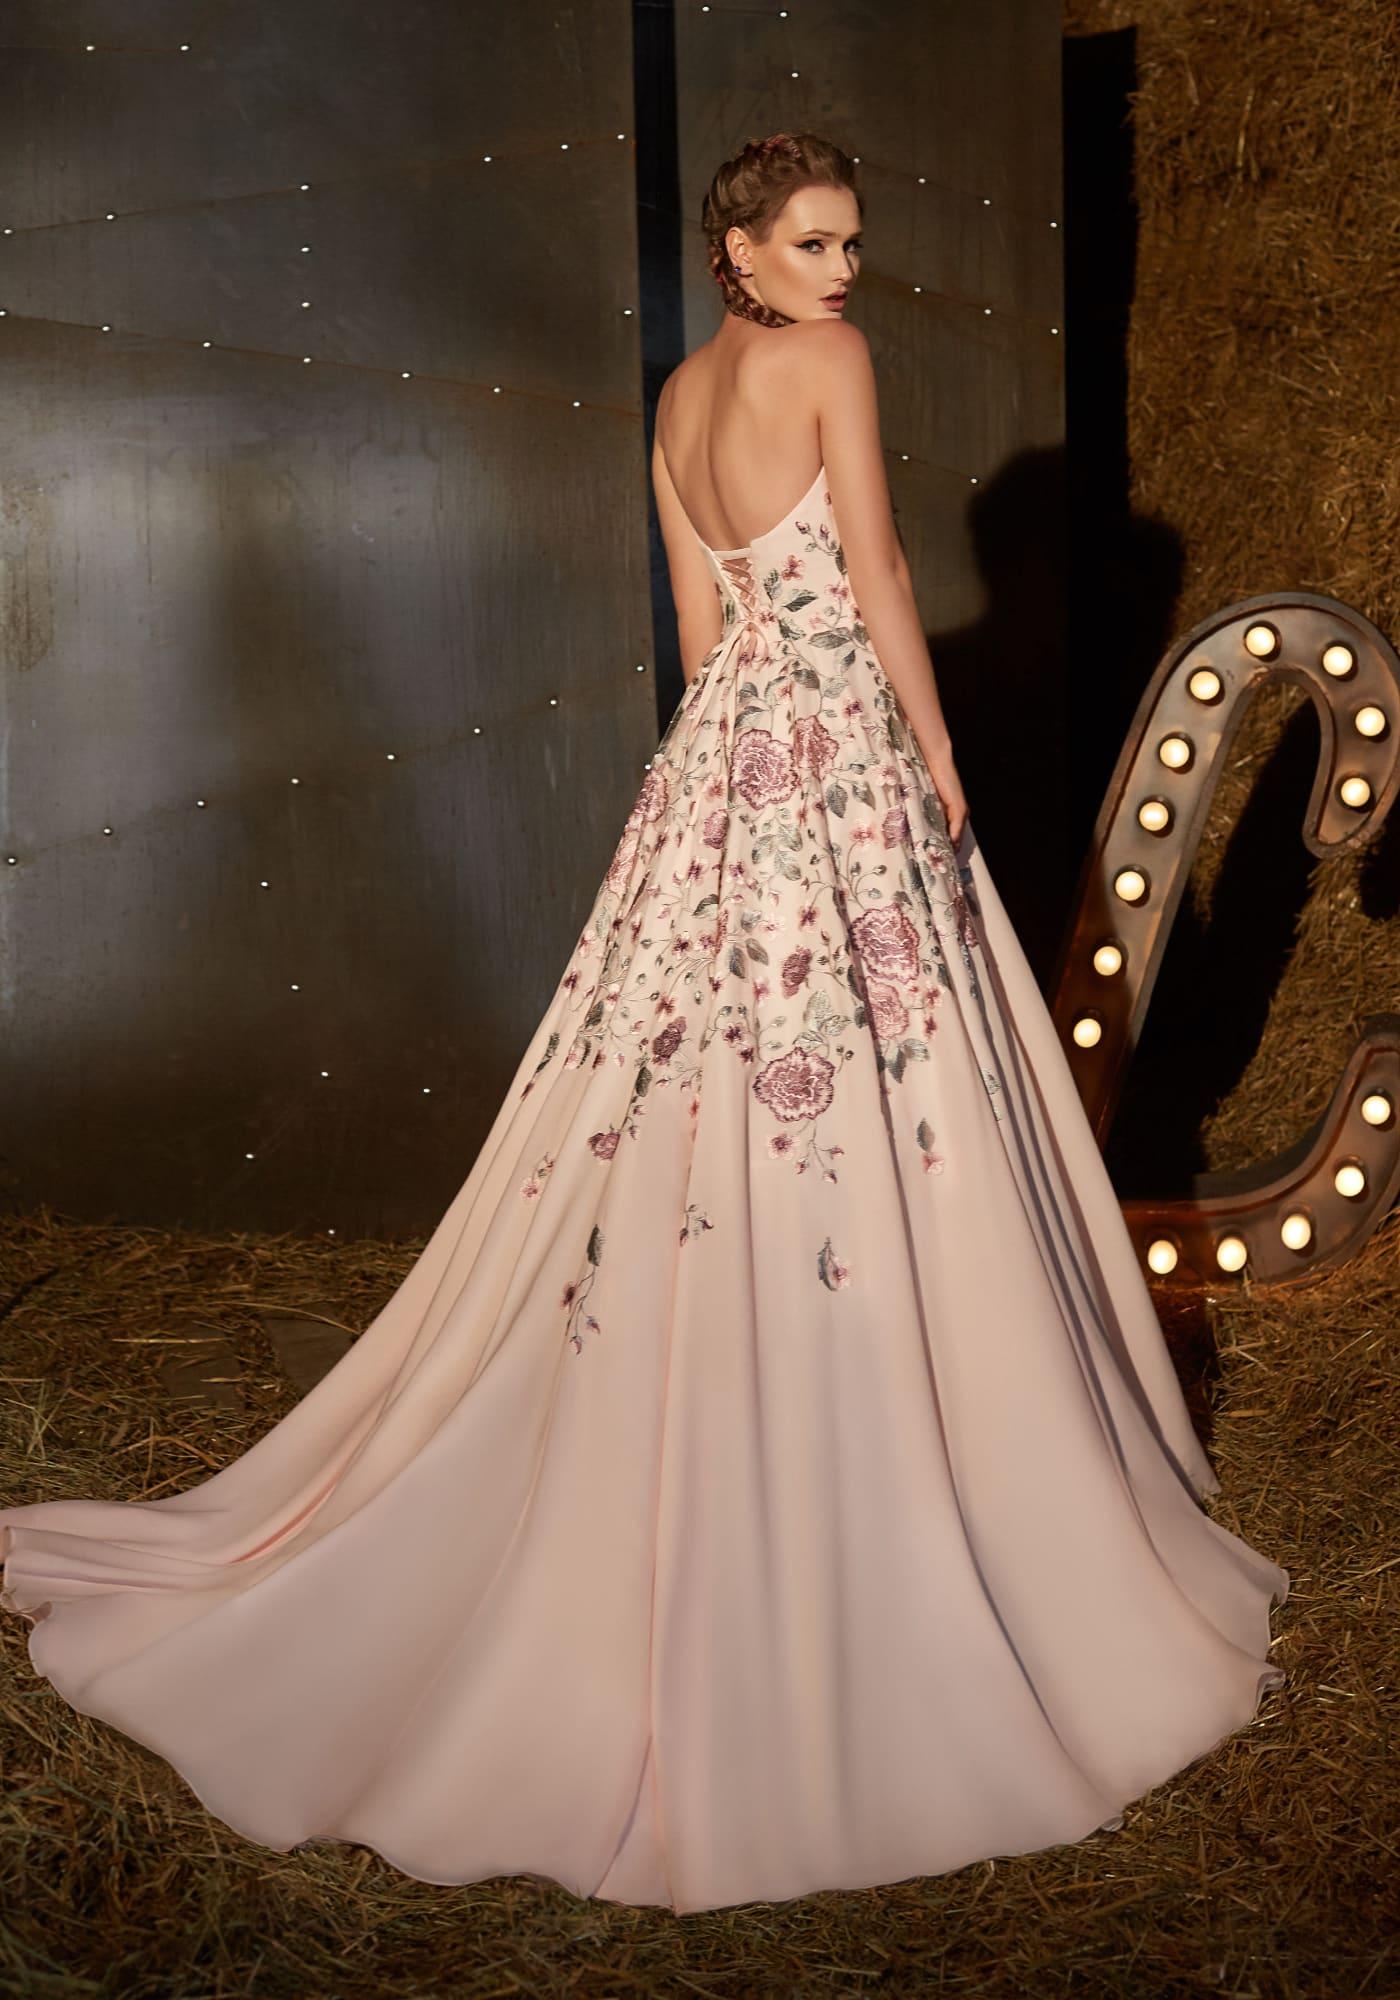 775133462b5 Бежевое вечернее платье А-силуэта с открытым лифом и нежной розовой вышивкой .